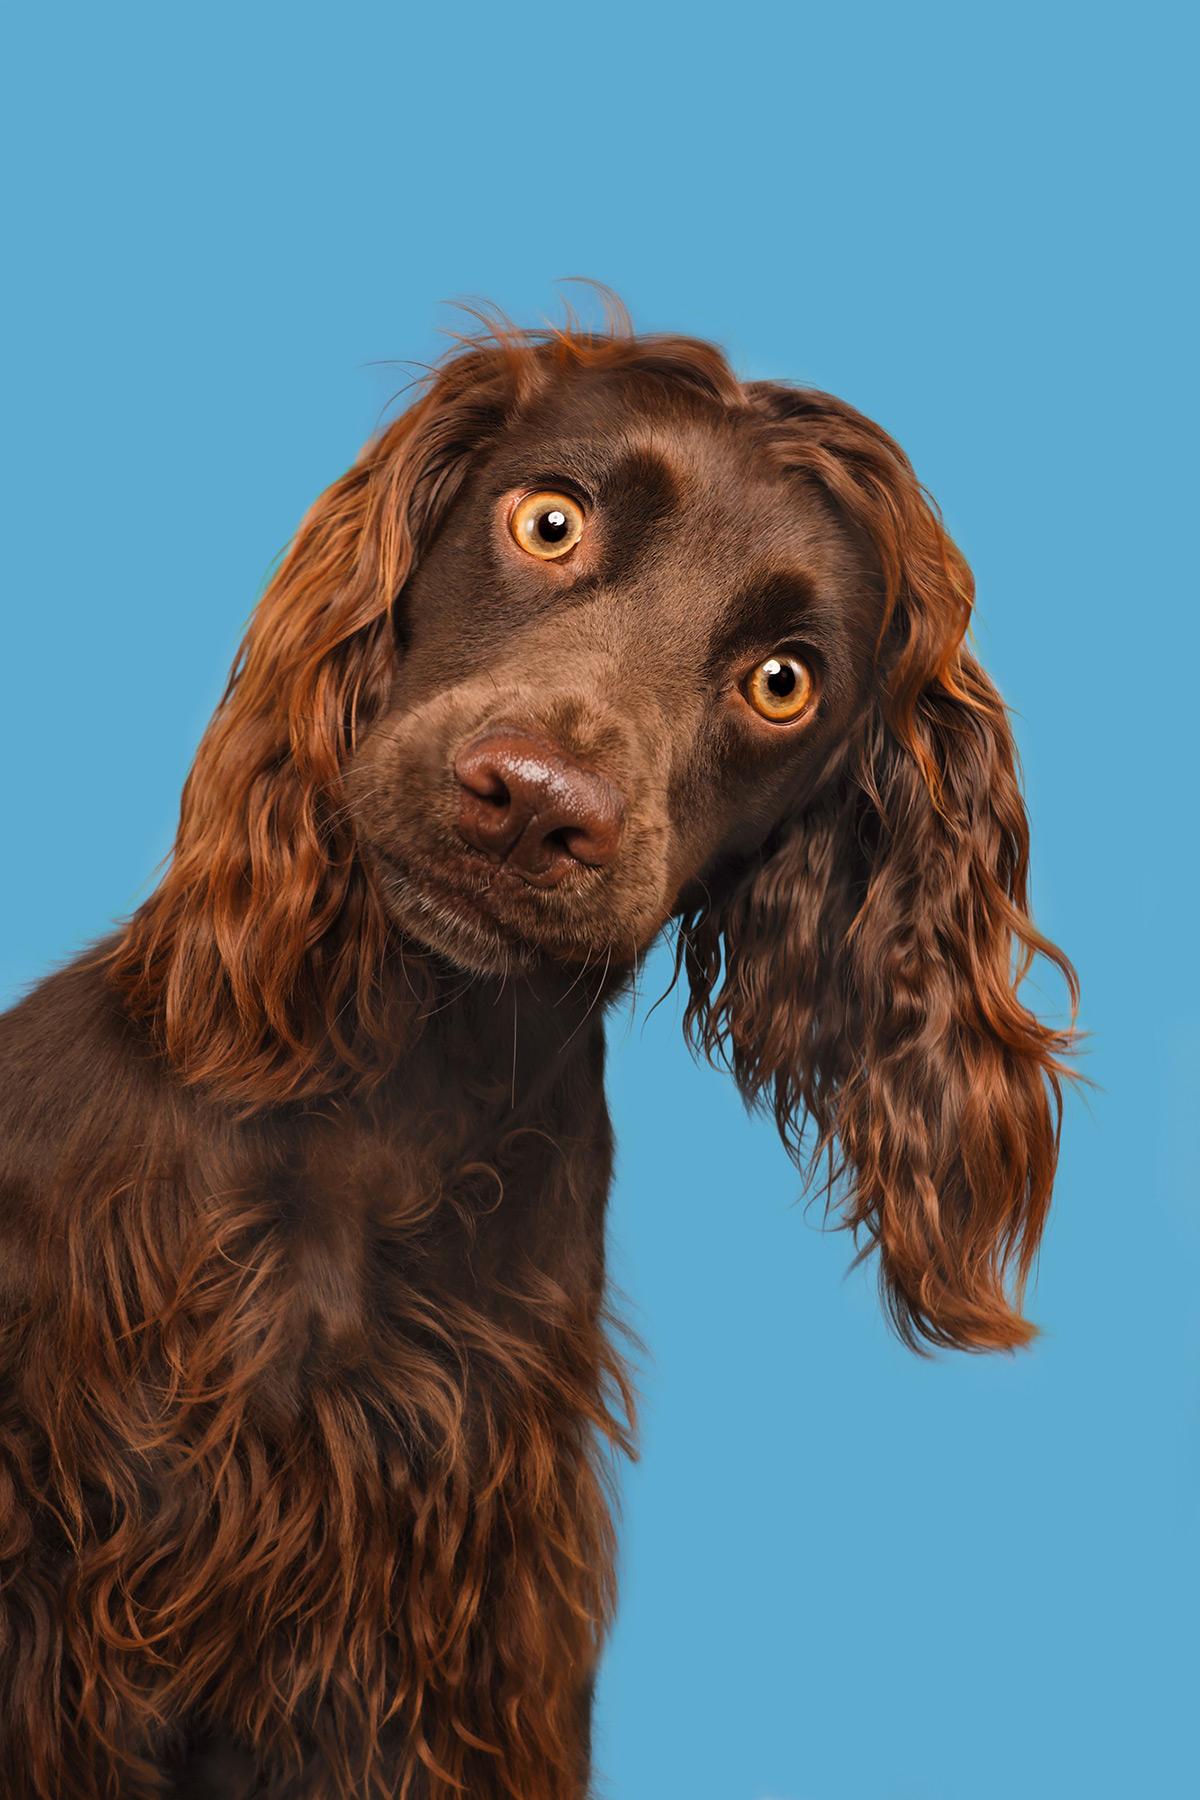 Os retratos engraçados que revelam as emoções fugazes dos cães 02